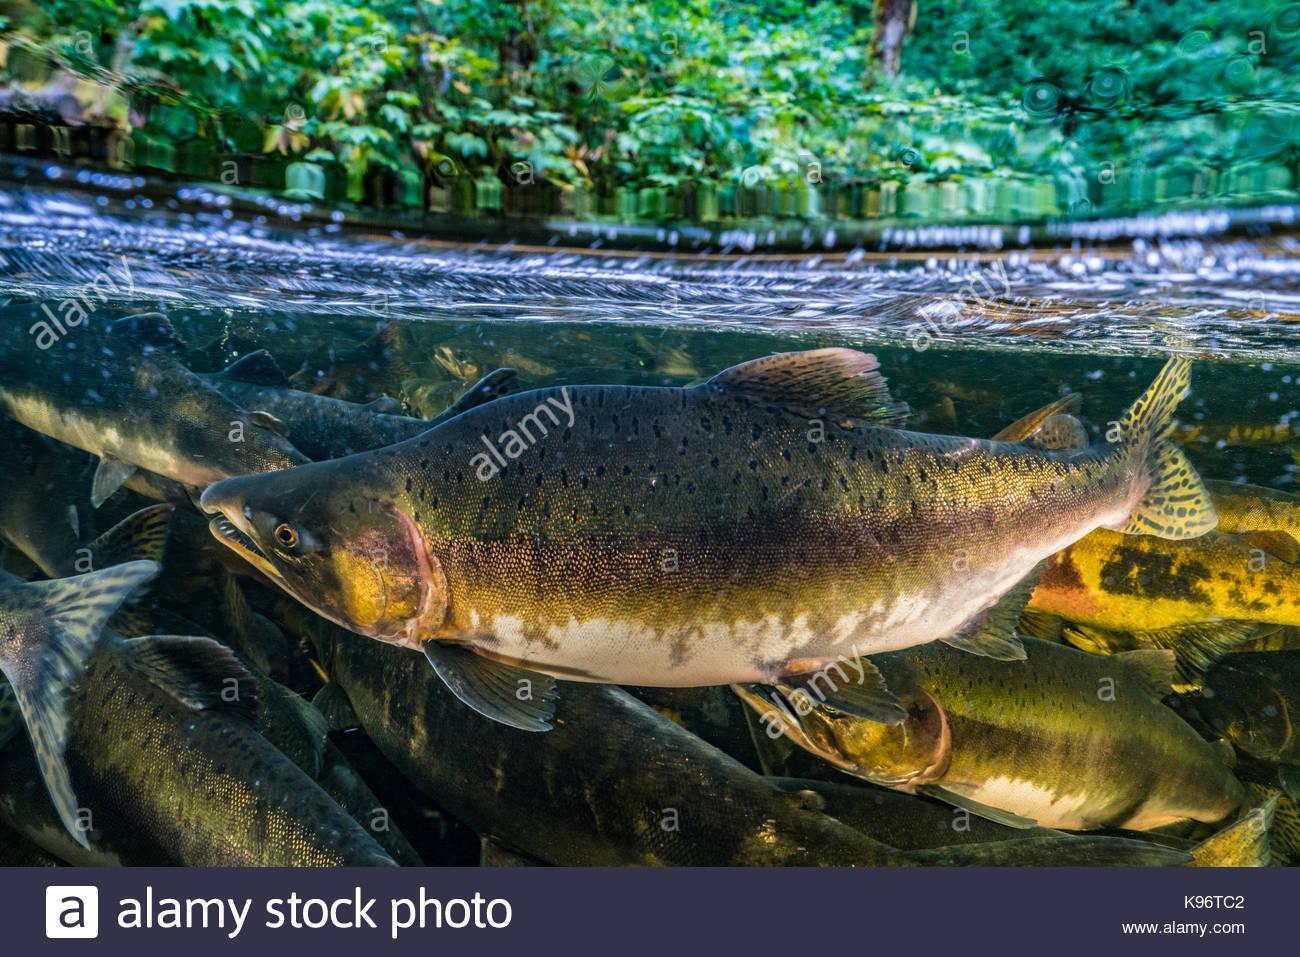 Escuela de Salmón Chinook nadan río arriba para competir para el desove. Imagen De Stock